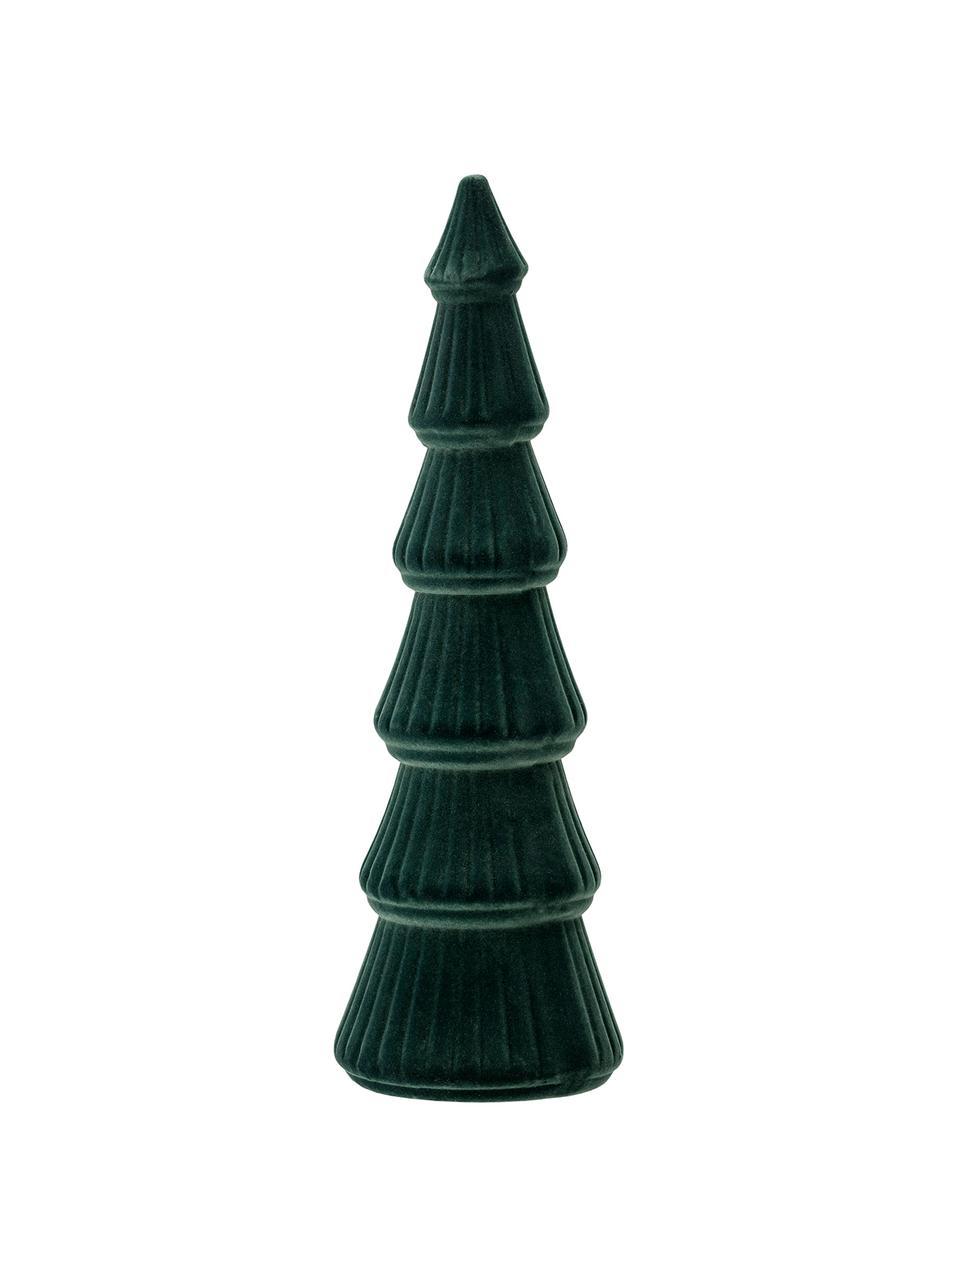 Samt-Deko-Objekt Tree, Mitteldichte Holzfaserplatte (MDF), Polyestersamt, Grün, Ø 10 x H 34 cm